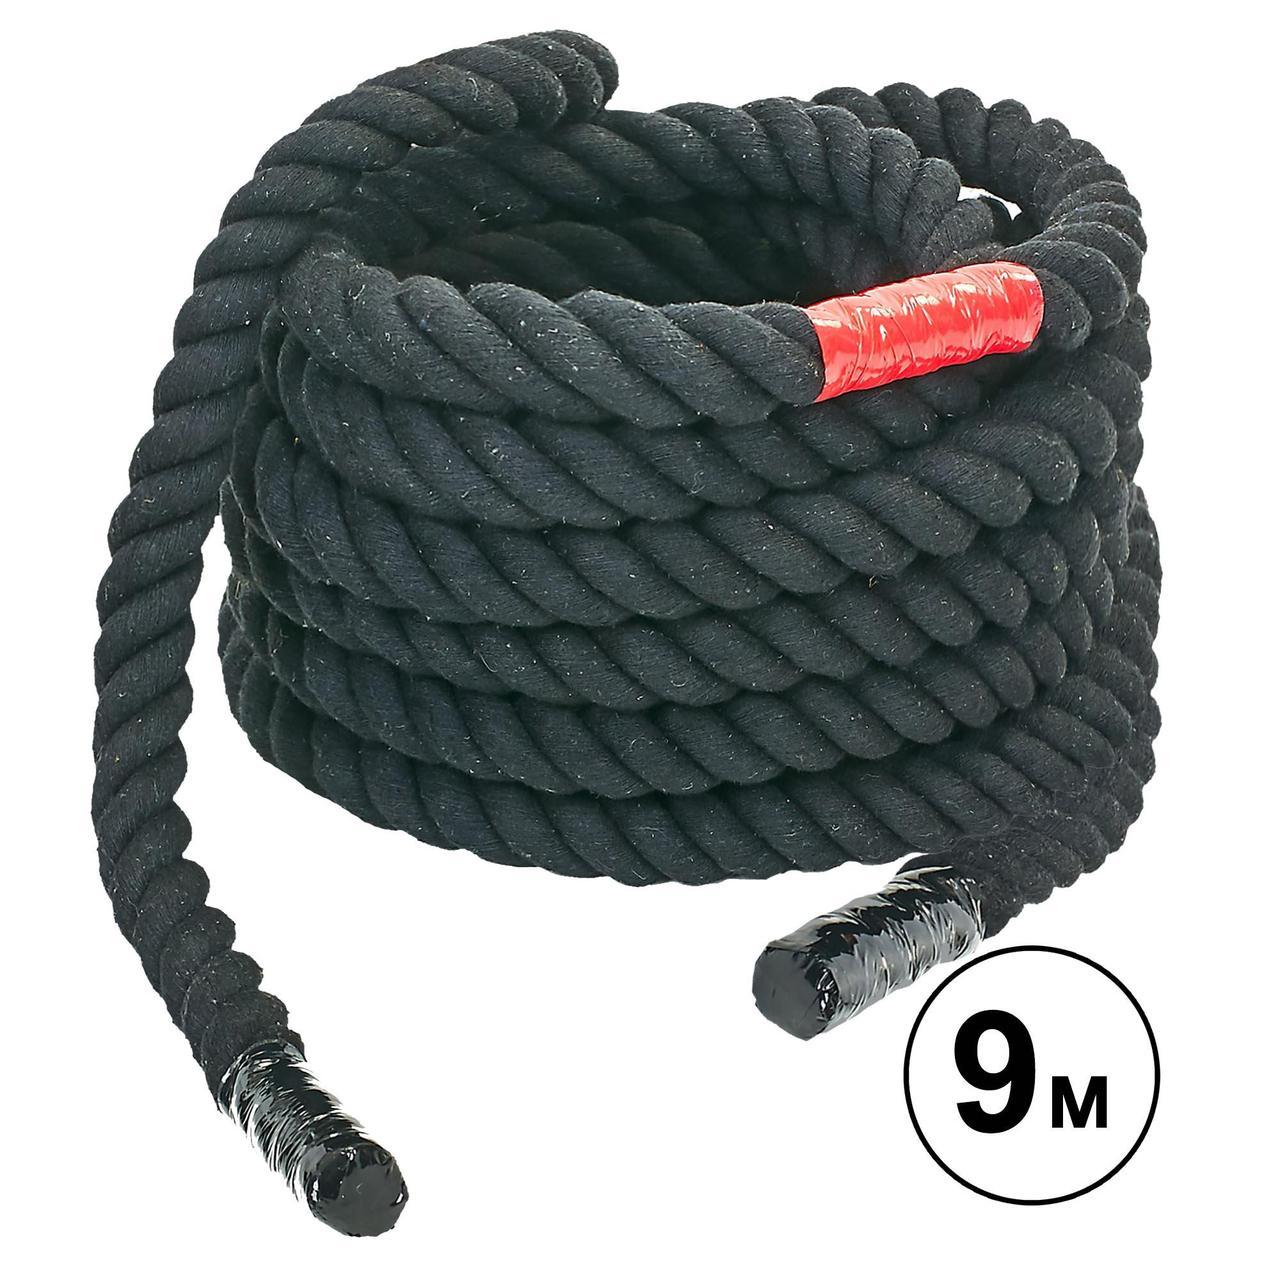 Канат для кроссфита COMBAT BATTLE ROPE UR R-6225-9 (хлопок, l-9м, d-2,6см, черный)